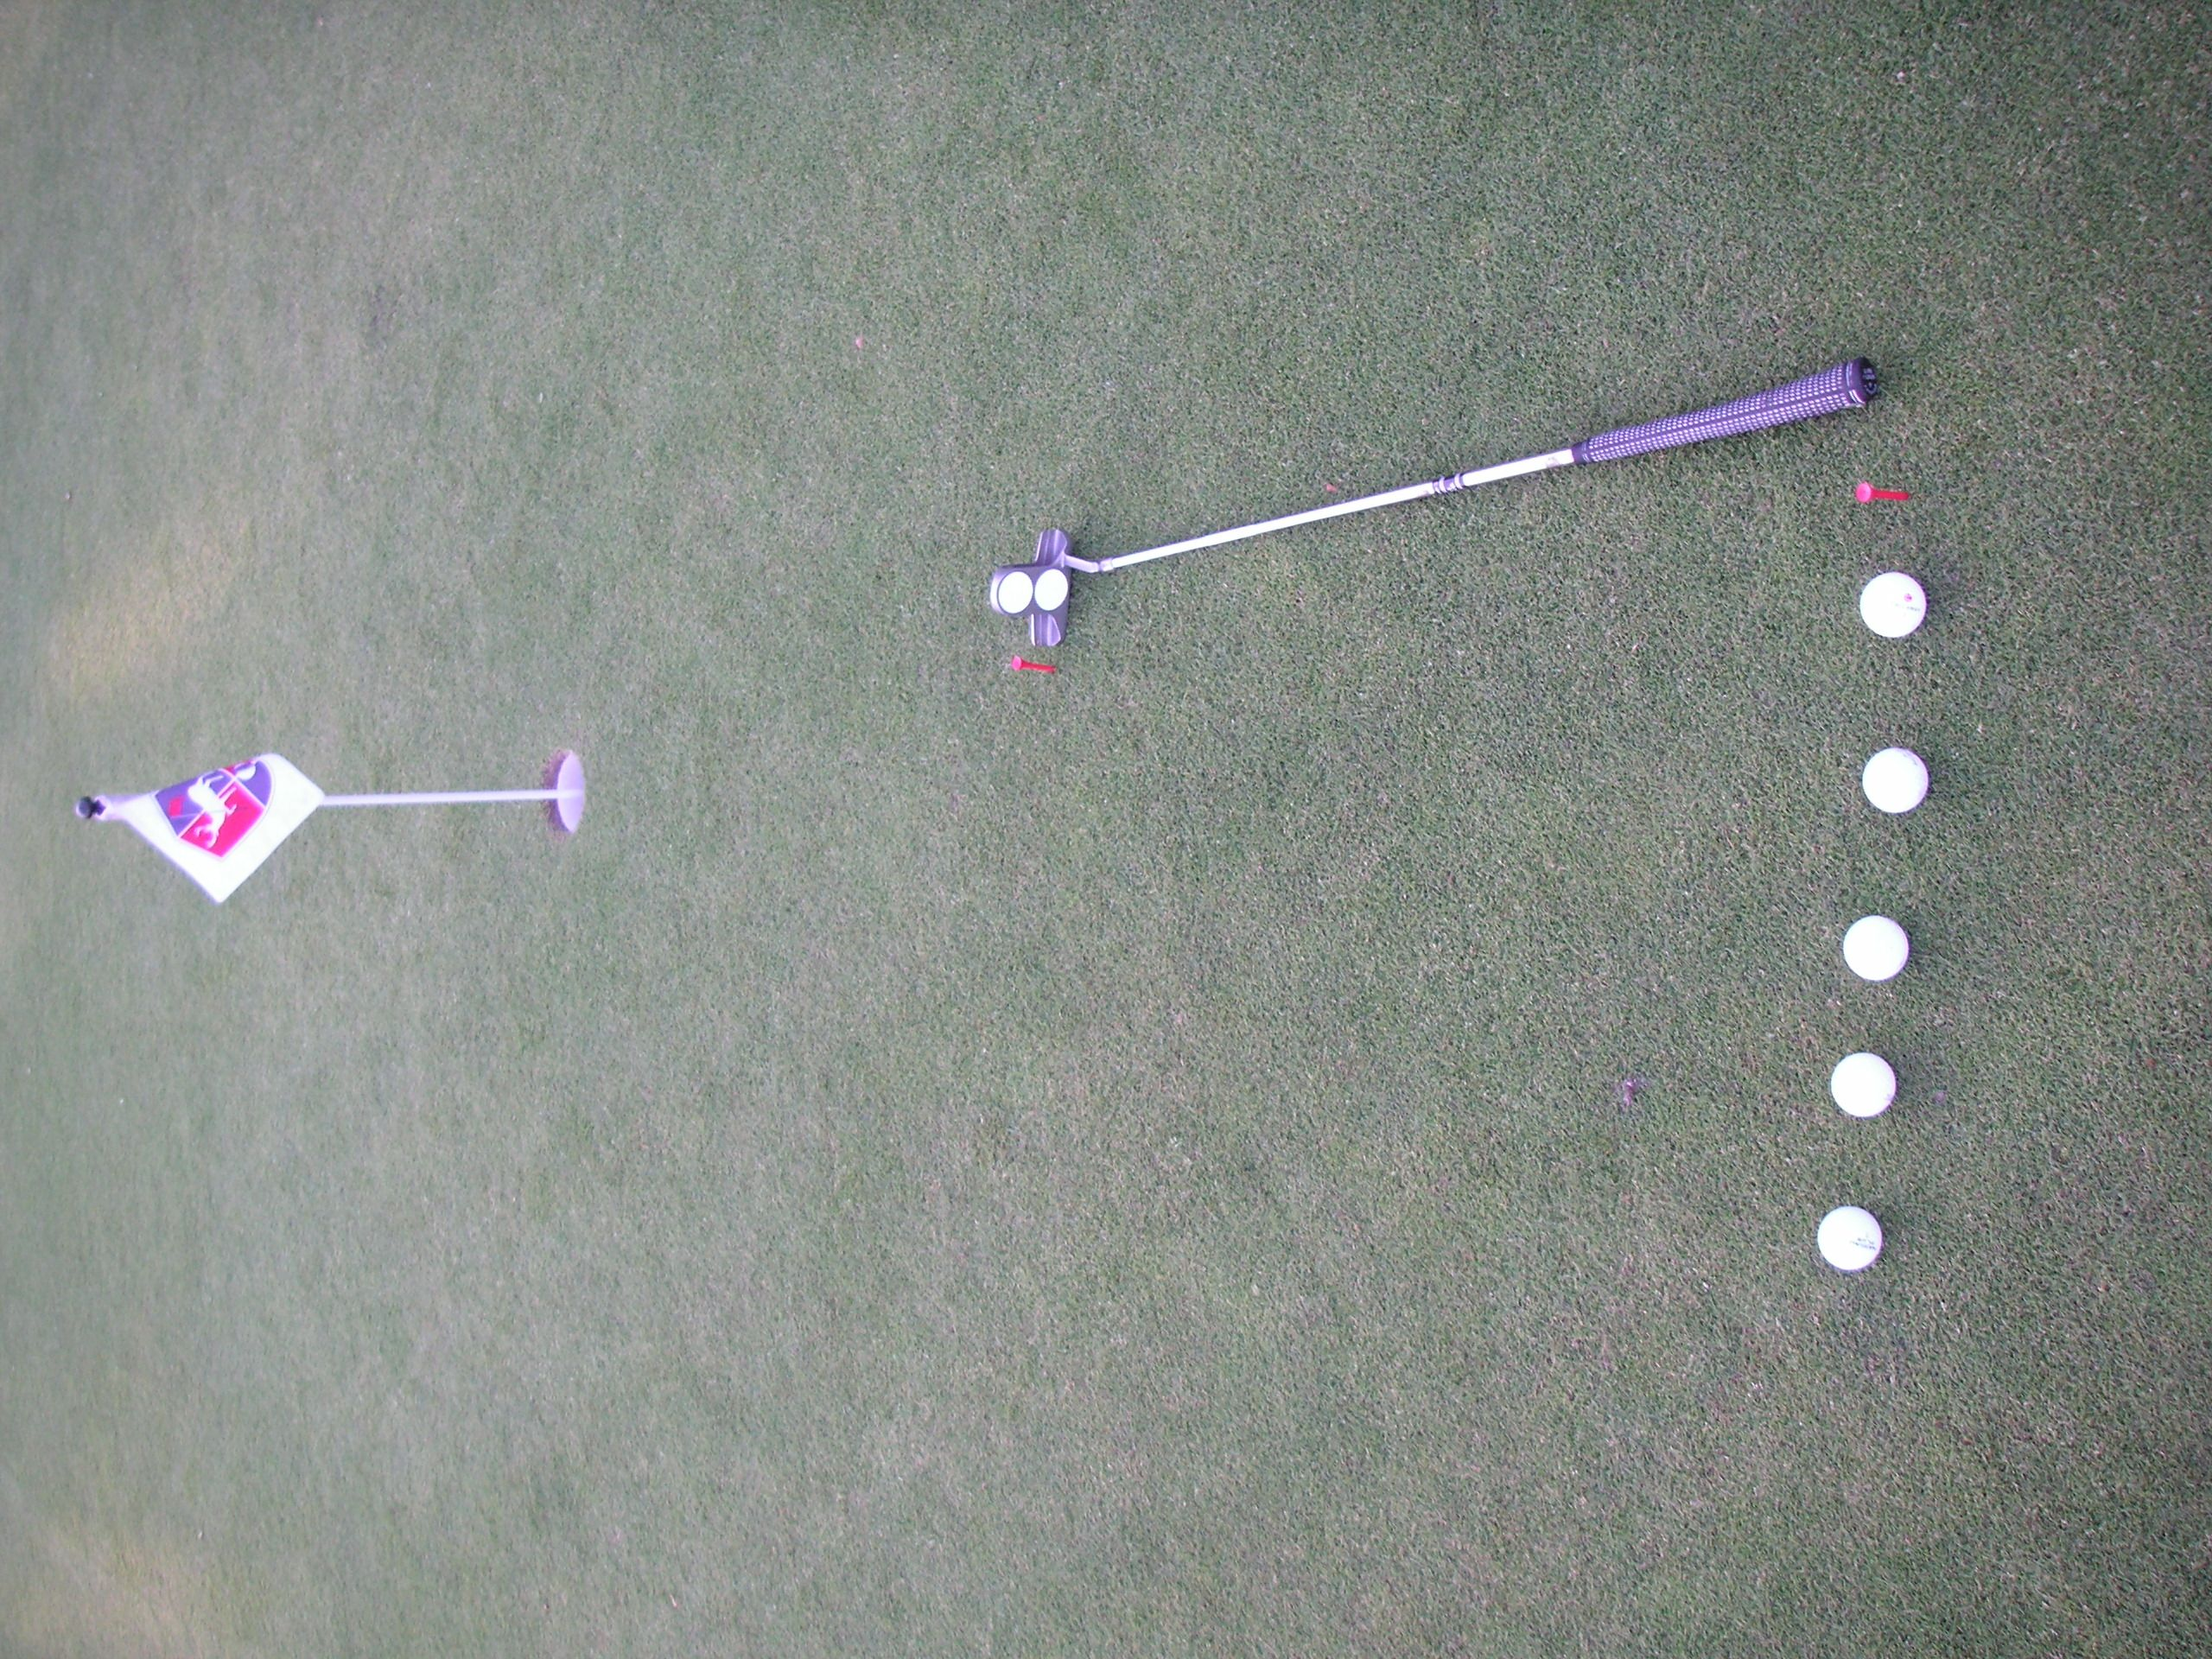 5 van de 5 golfballen putten oefening